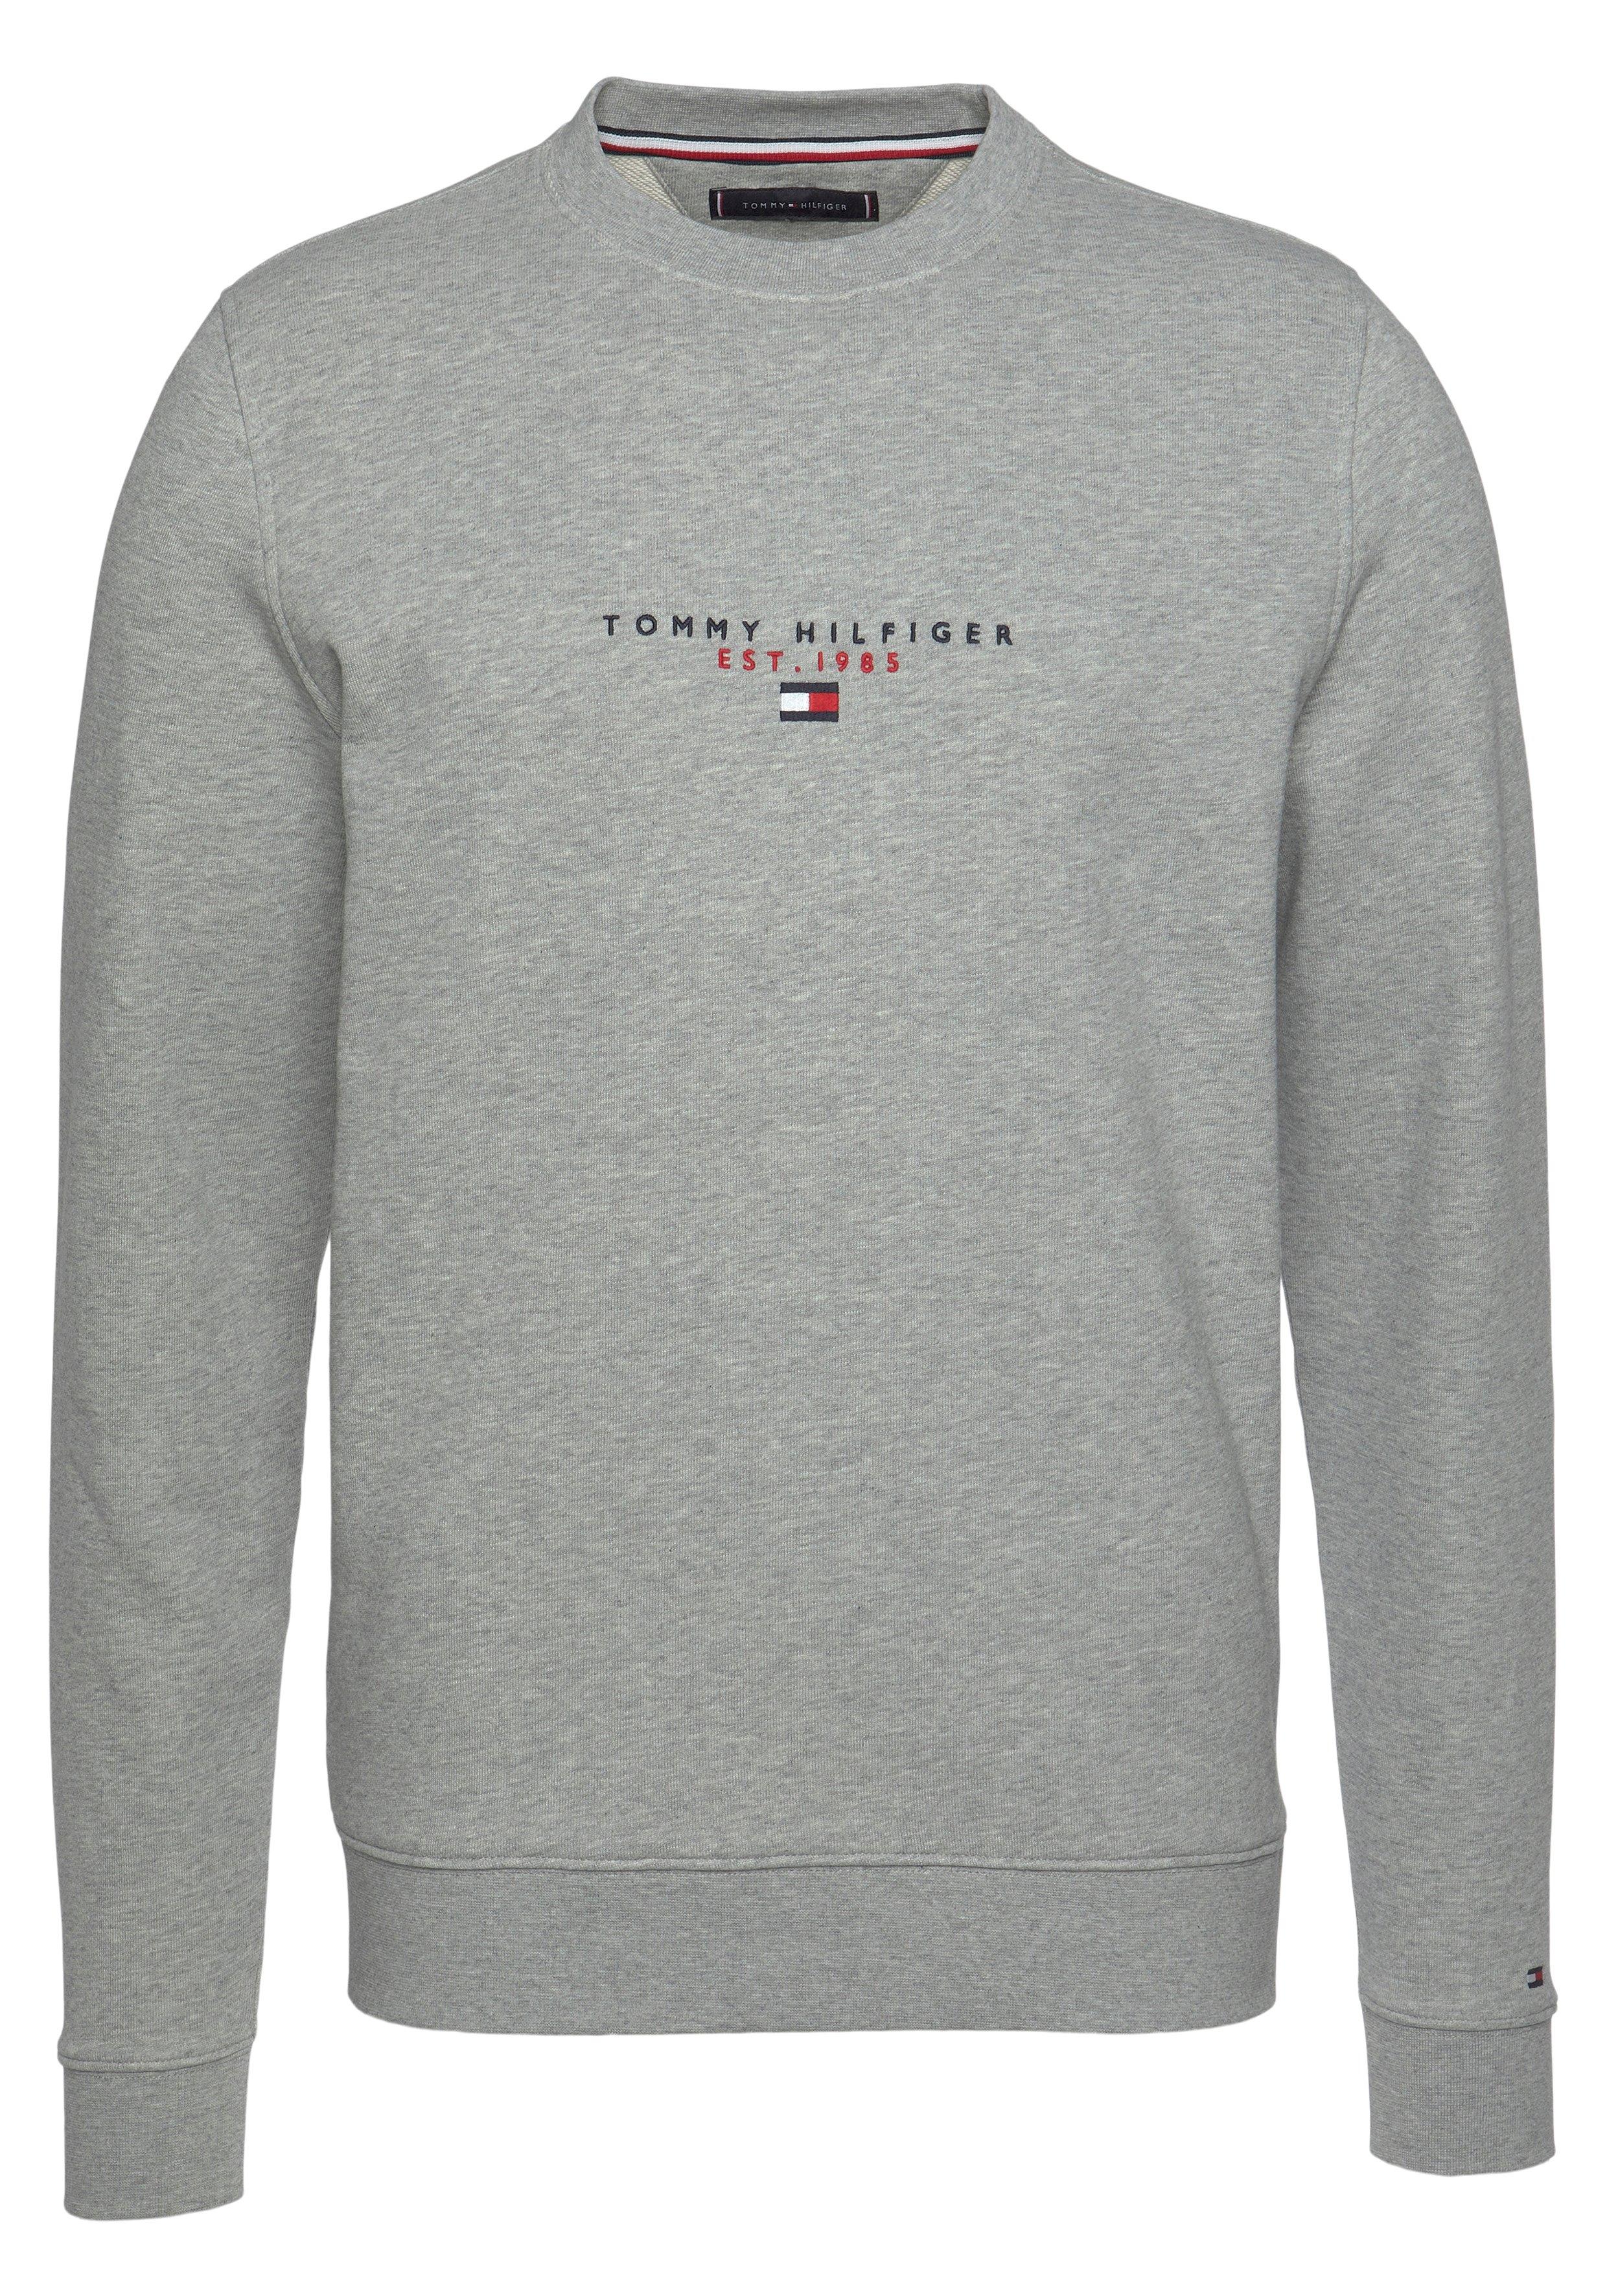 Tommy Hilfiger sweatshirt ESSENTIAL TOMMY CREWNECK nu online bestellen